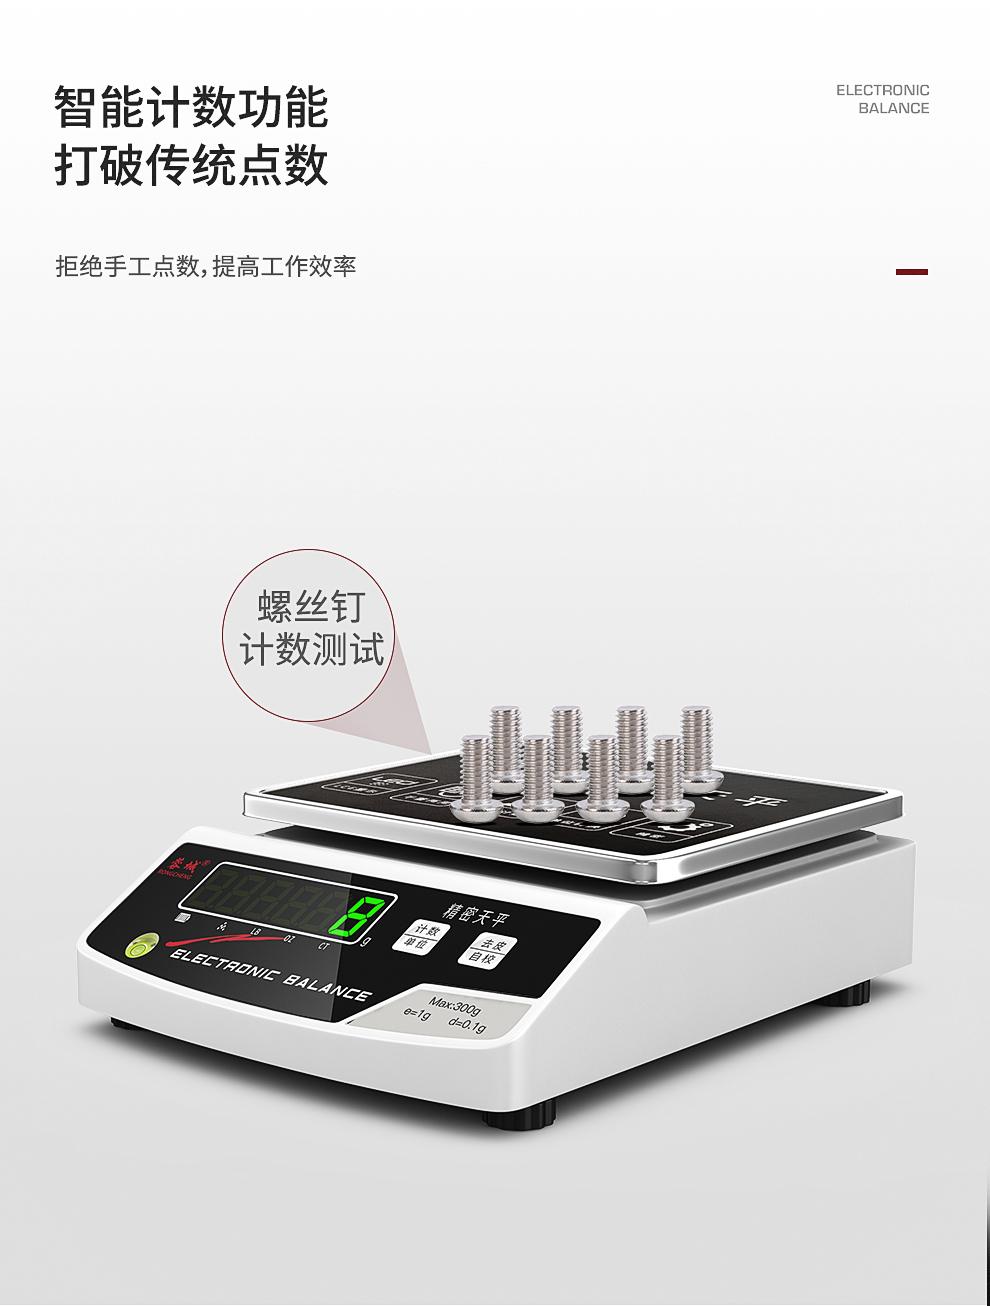 蓉城RONGCHENG高精度电子秤分析天平精准称黄金克拉秤精密实验室珠宝秤方盘5kg/0.1g